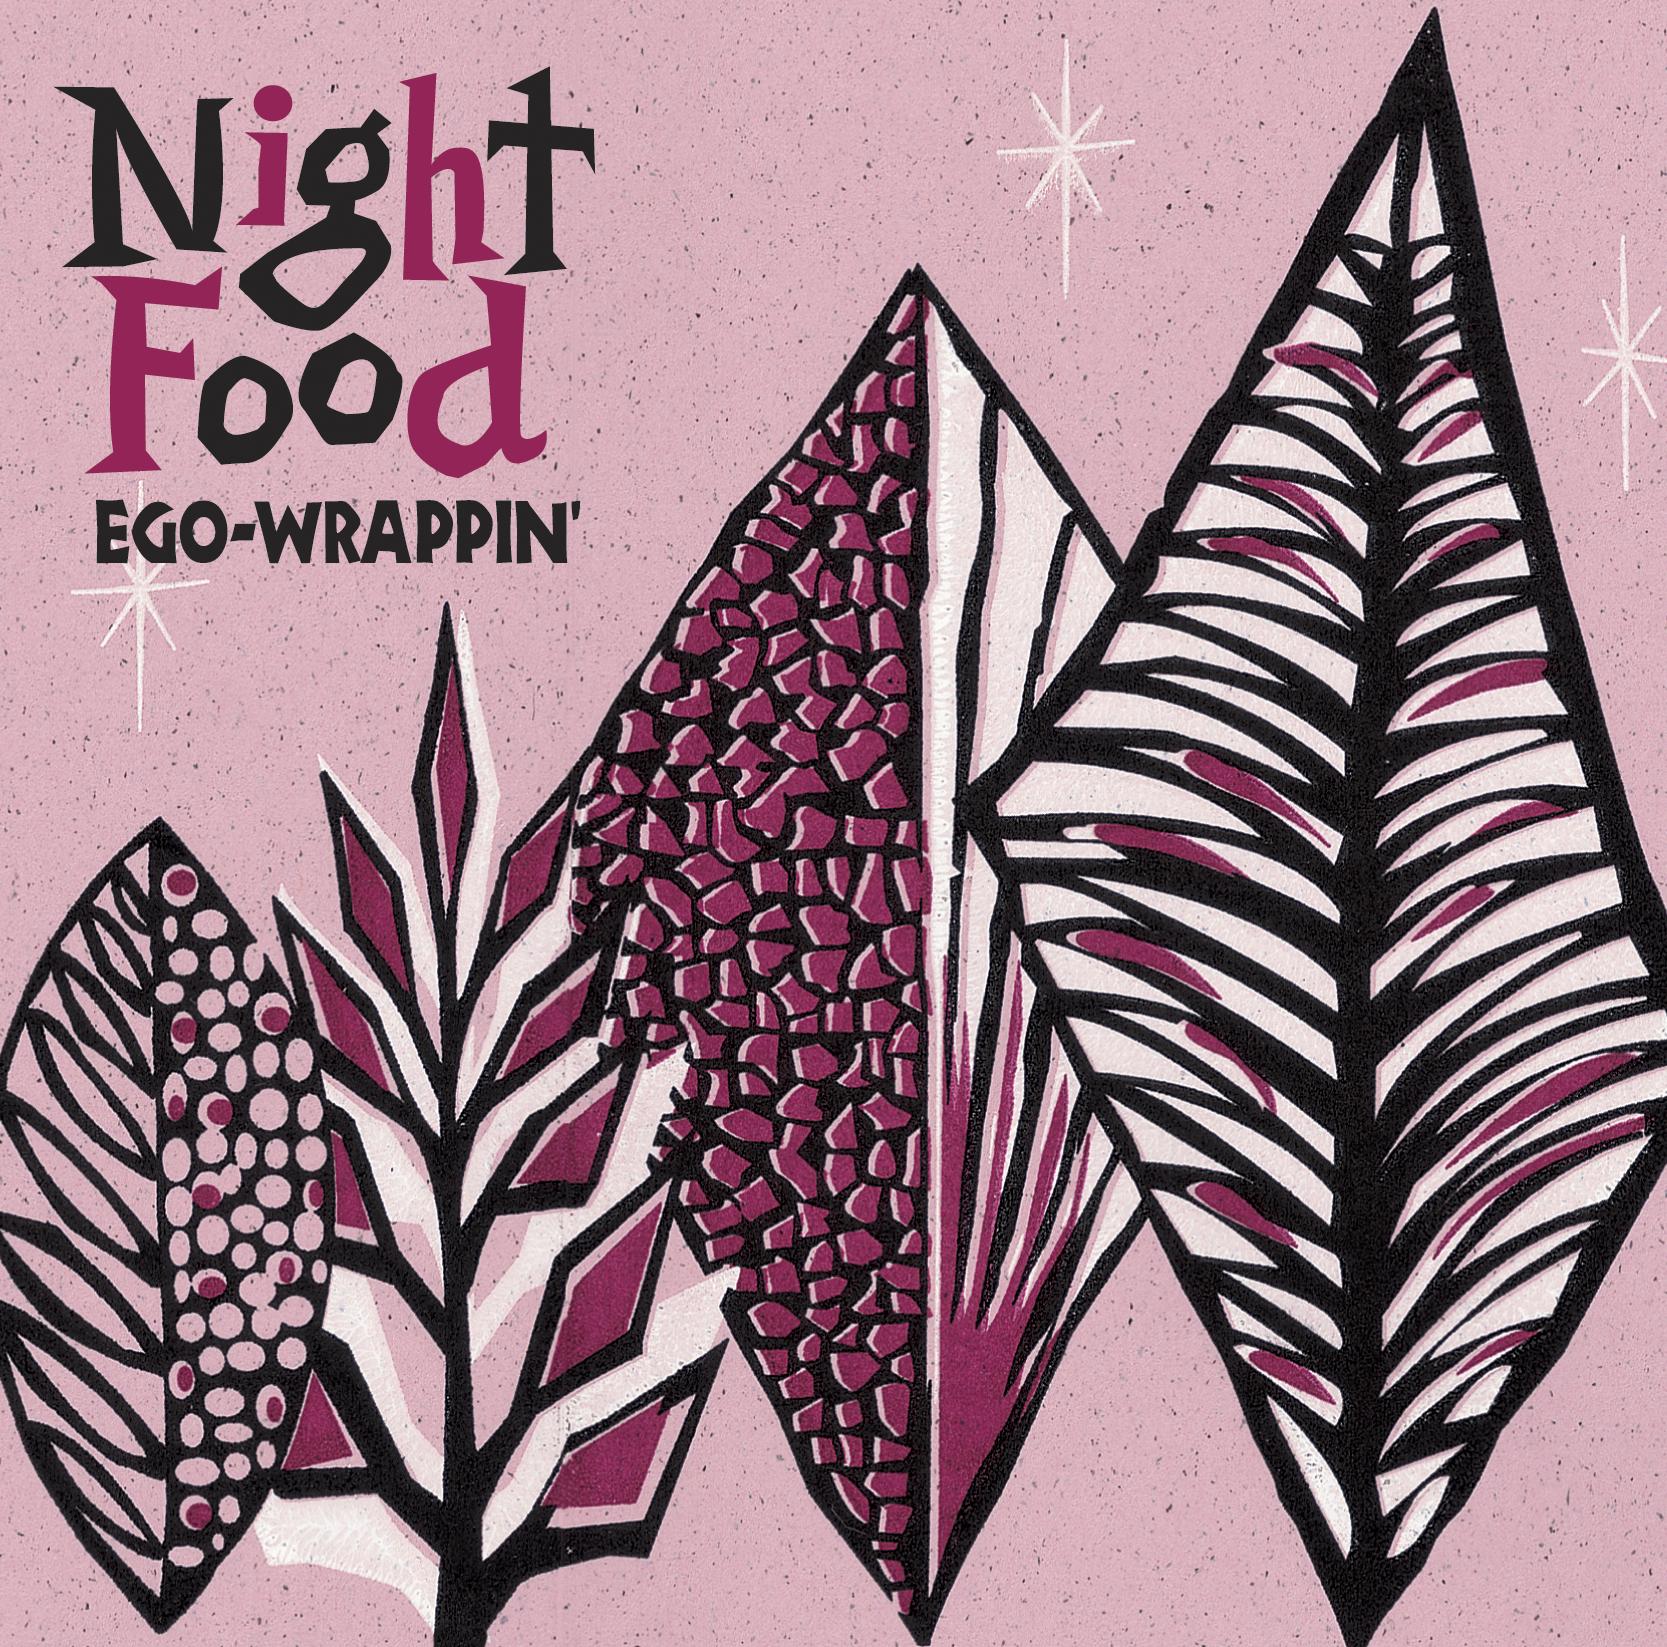 EGO-WRAPPIN' 「NIGHT FOOD」